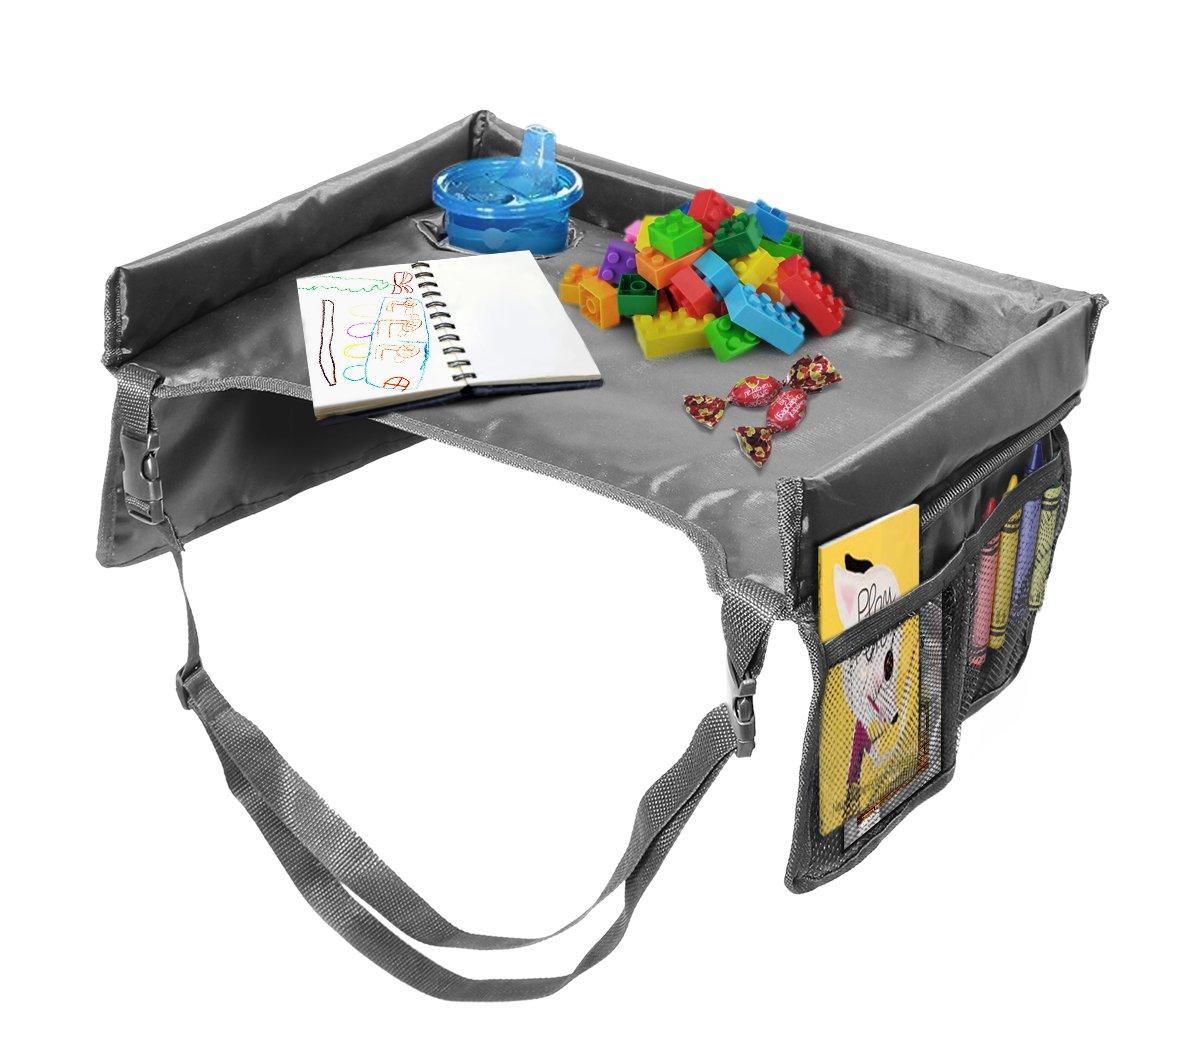 VViViD Black Nylon Toddler Car Seat Lap Top Play Tray